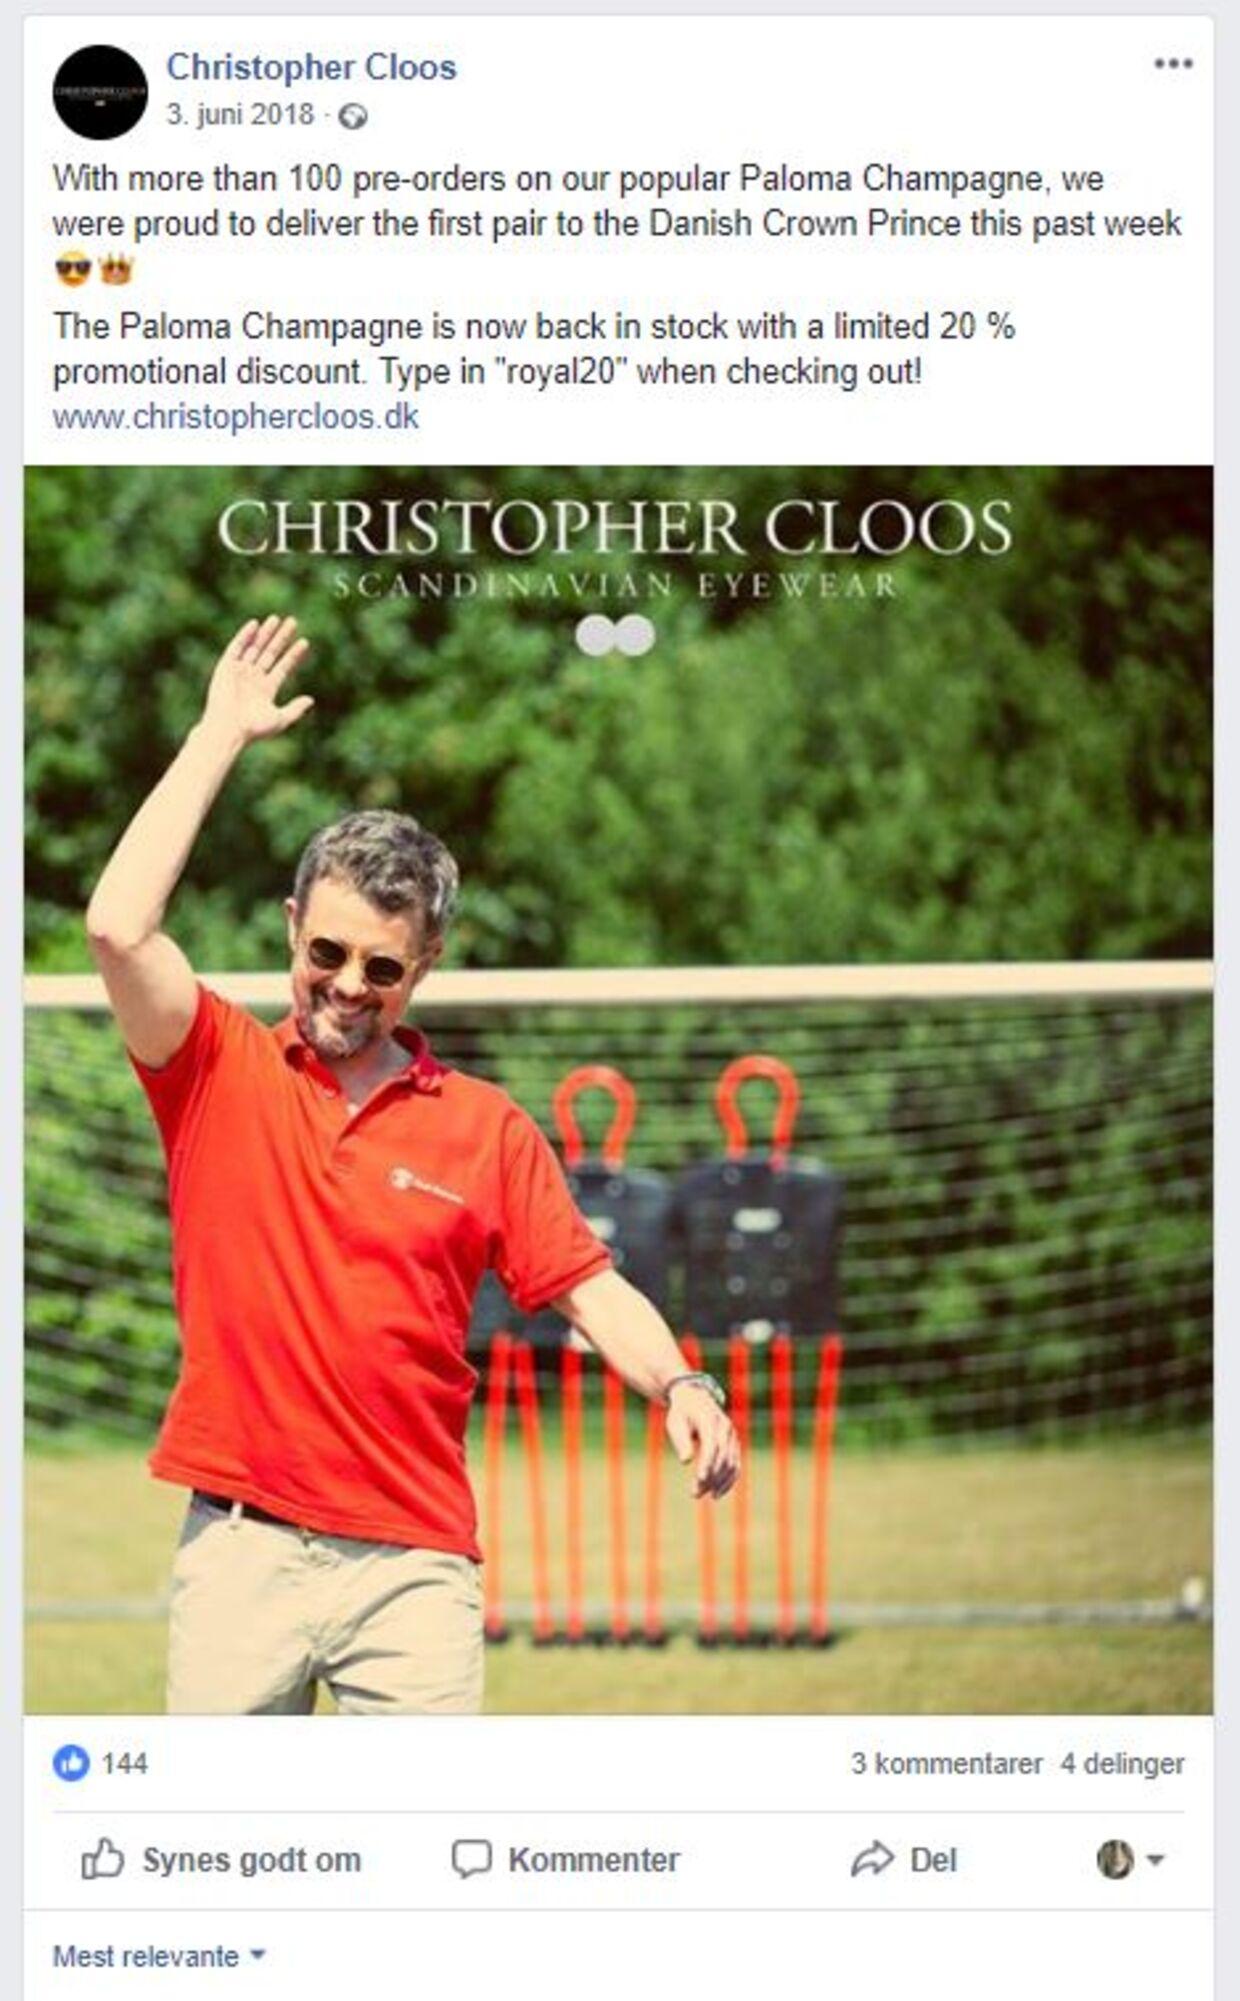 Solbrillefirmaet Christopher Cloos lagde 3. juni 2018 et bilelde af kronprinsen på deres facebook-side, uden samtykke fra kongehuset. Foto: Facebook